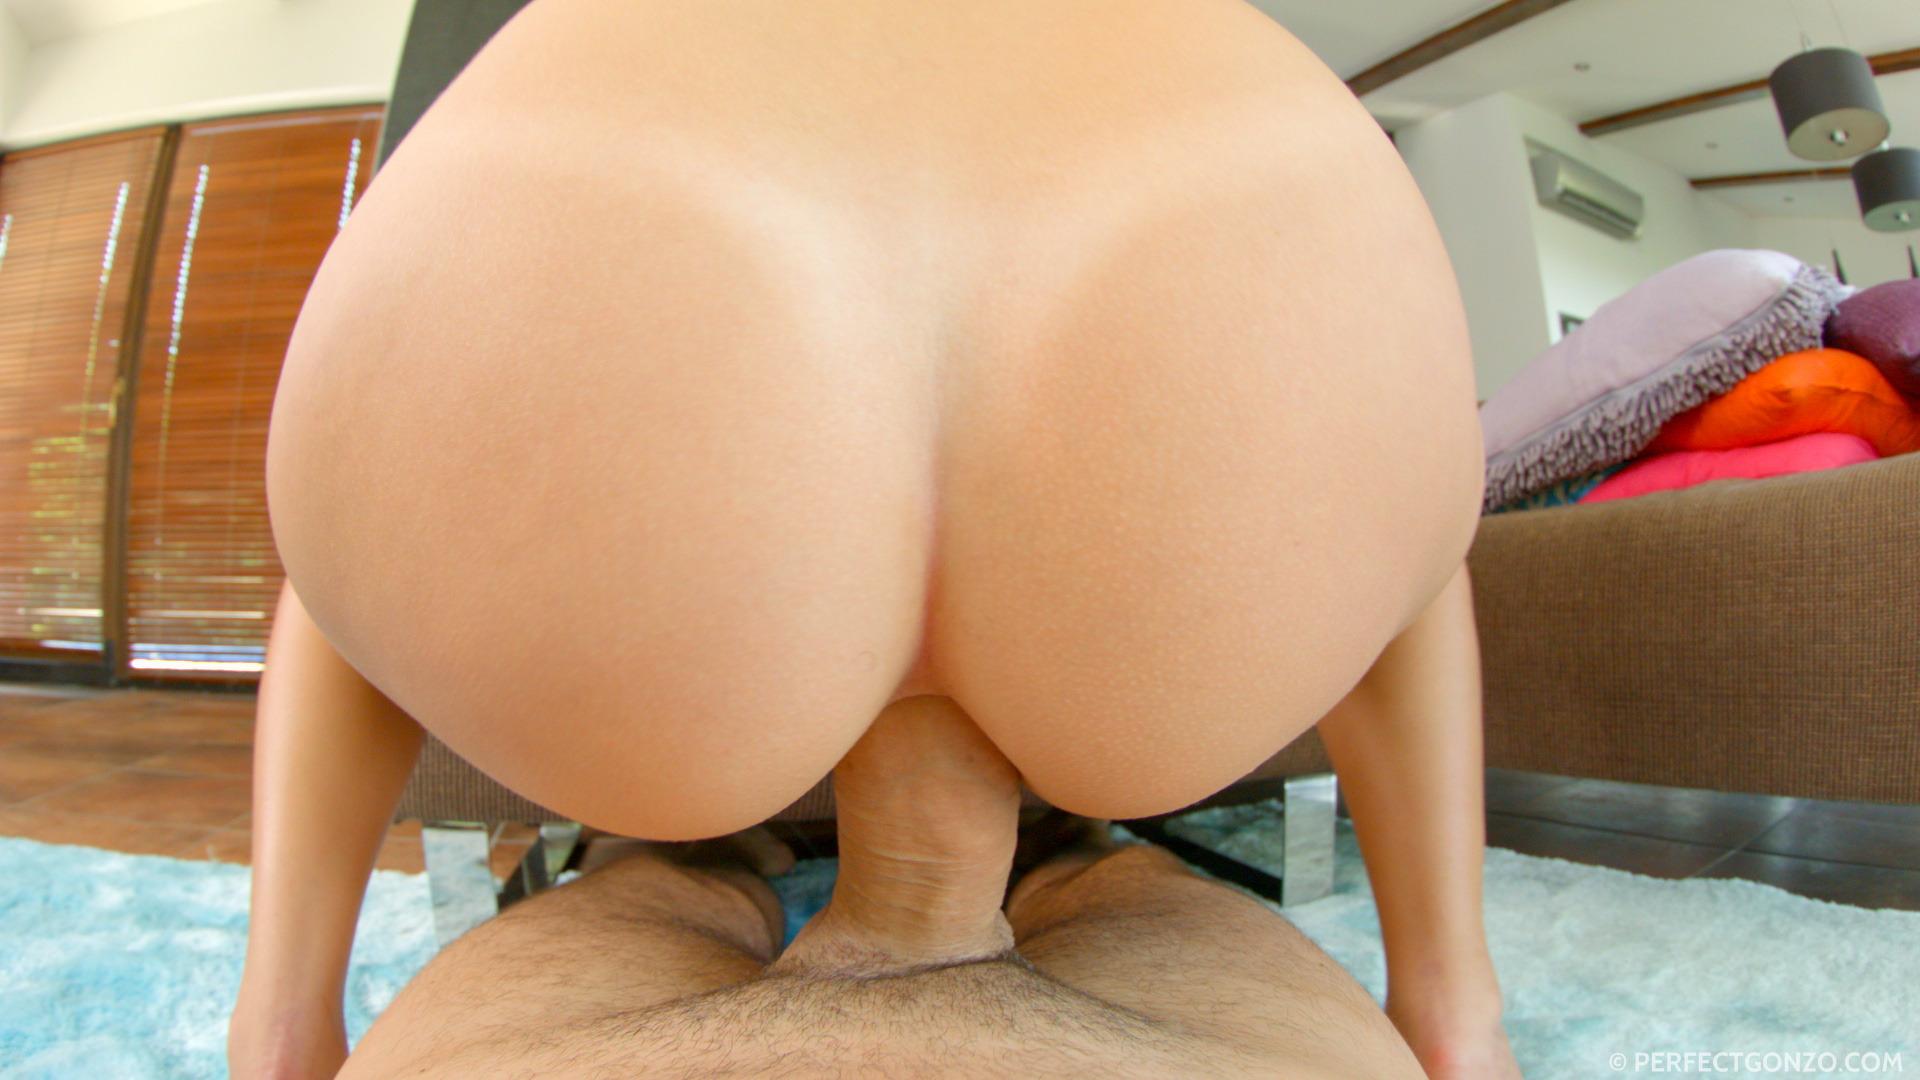 Agness miller ass